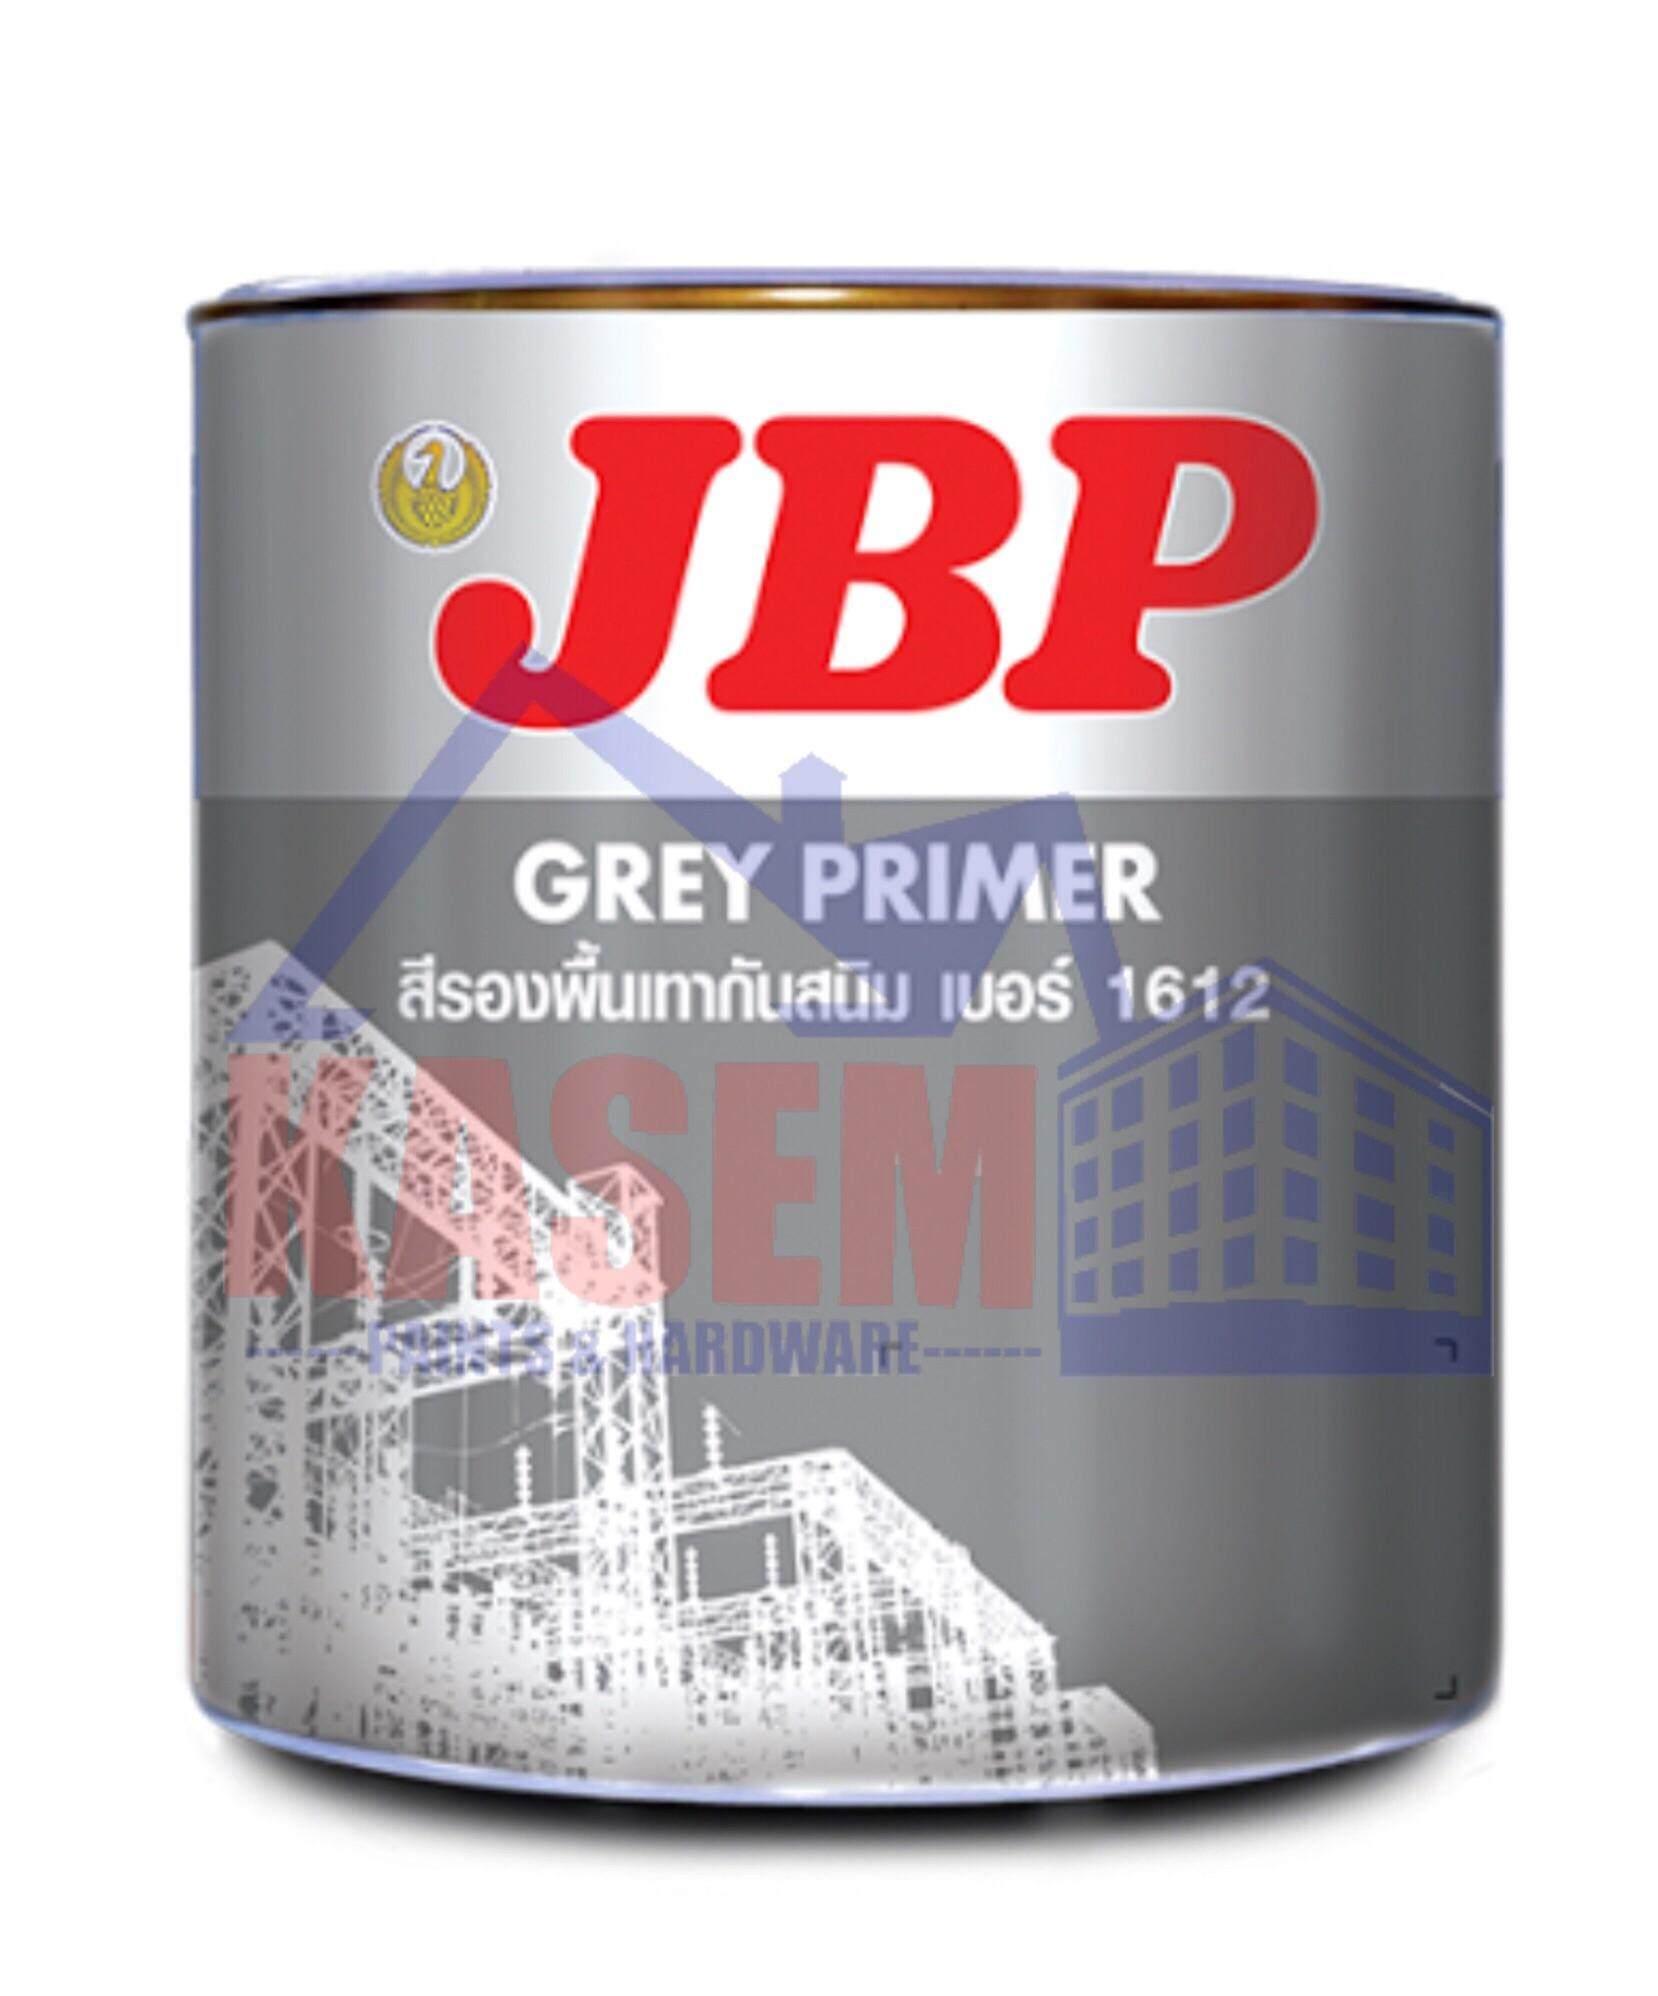 ส่วนลด รองพื้นกันสนิมเทา เจ บี พี Jbp Grey Oxide Primer 1612 ขนาดกระป๋อง 87ลิตร